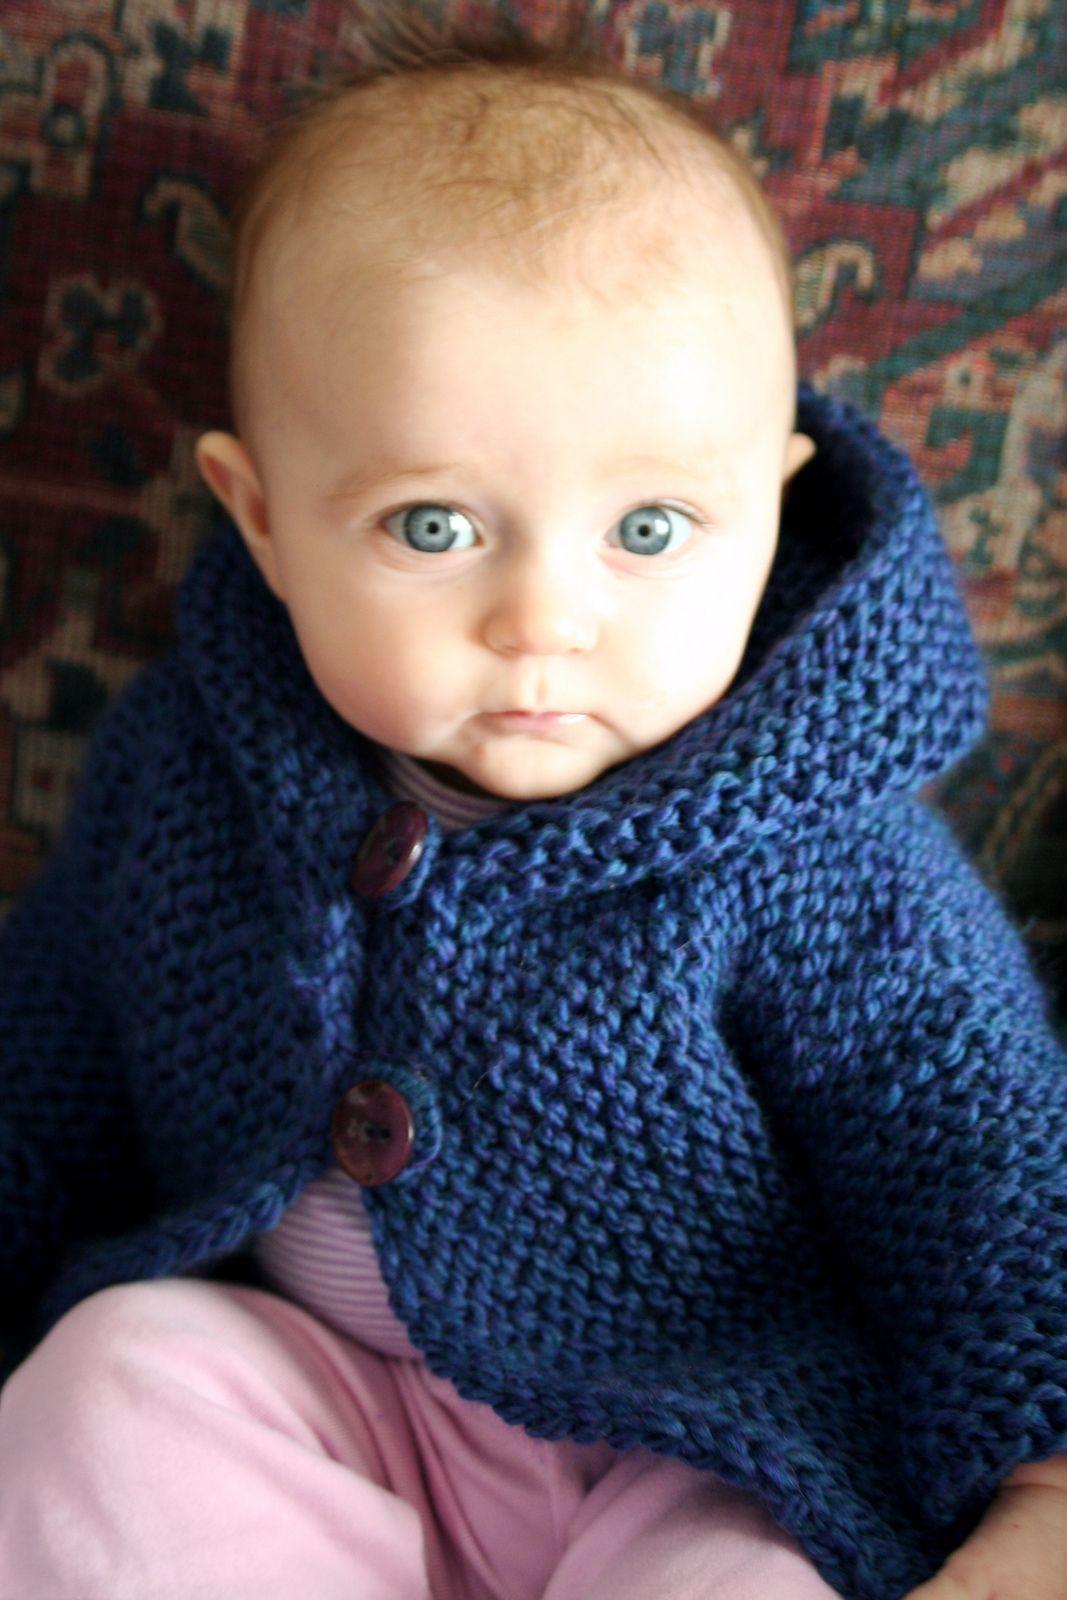 Ravelry: Snug by Hinke | Baby knitting patterns, Knit baby ...